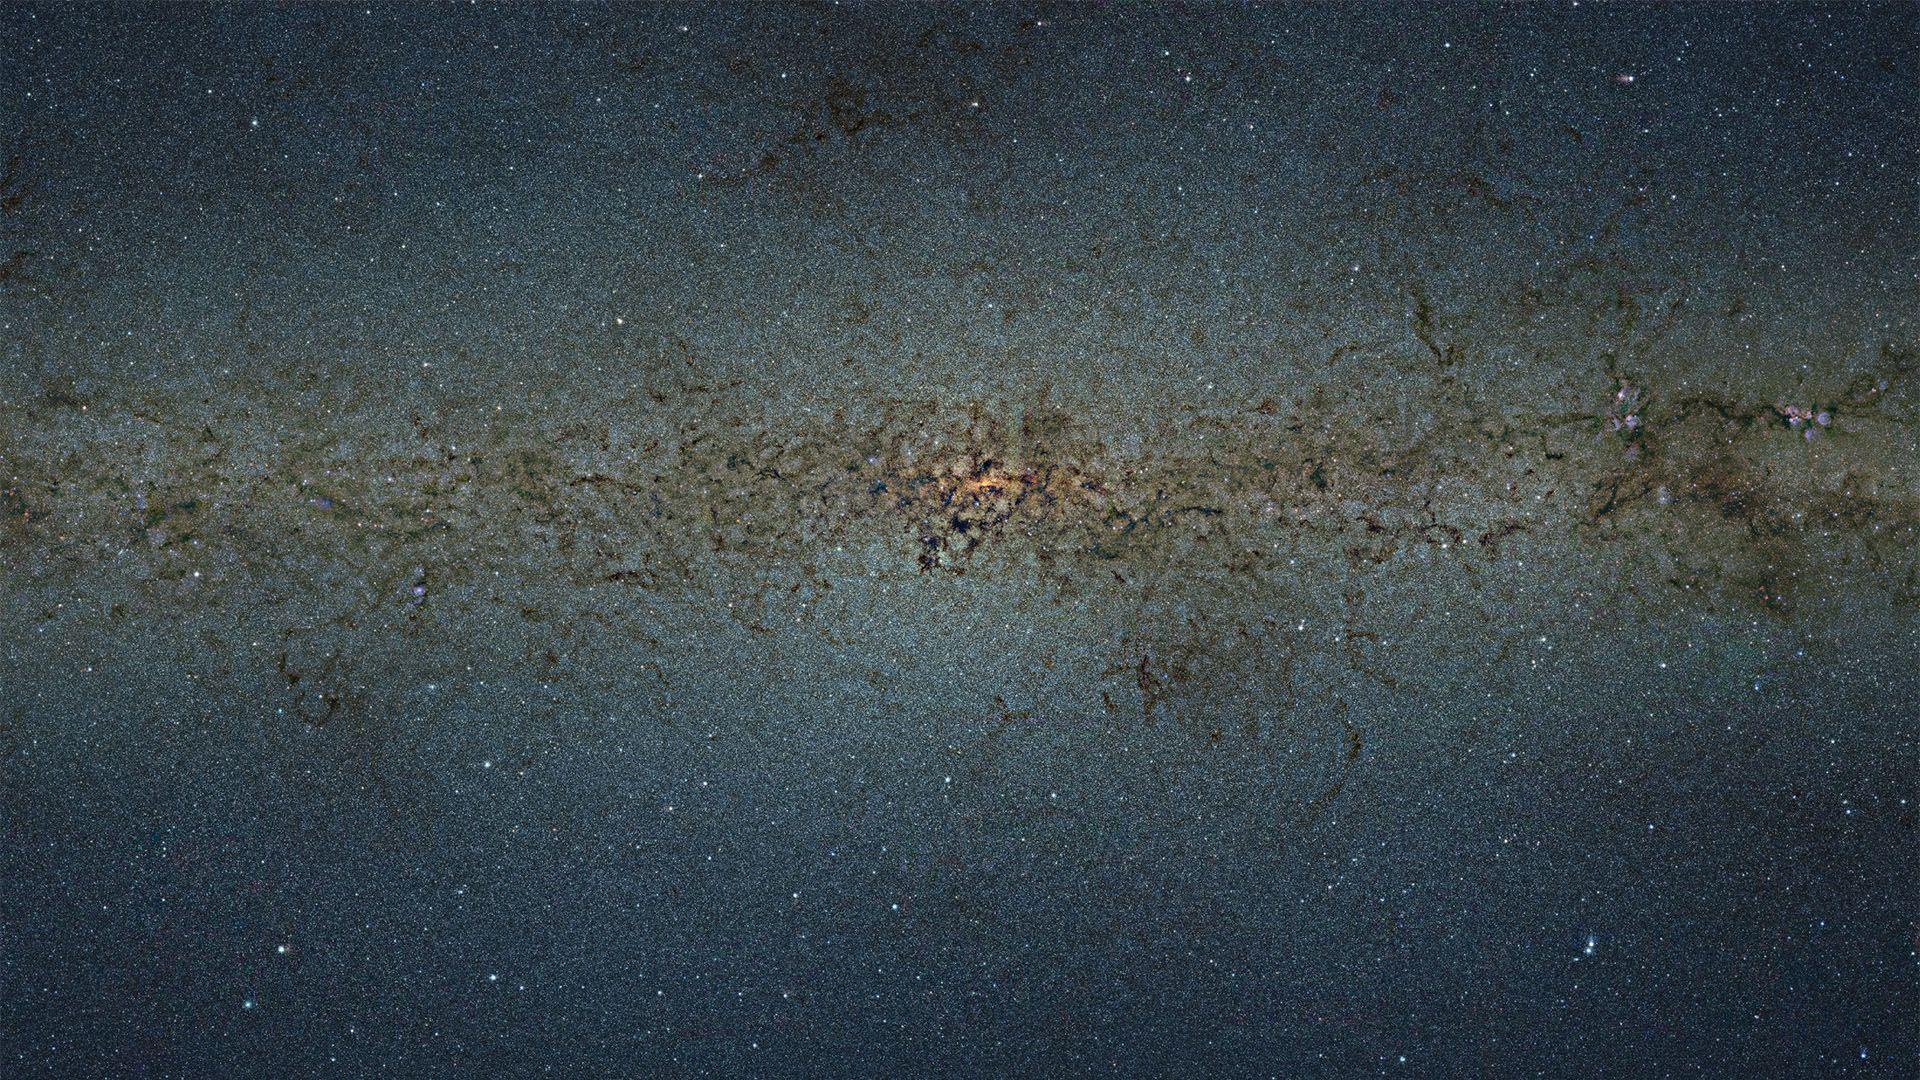 仰望星空,88亿像素银河系照片